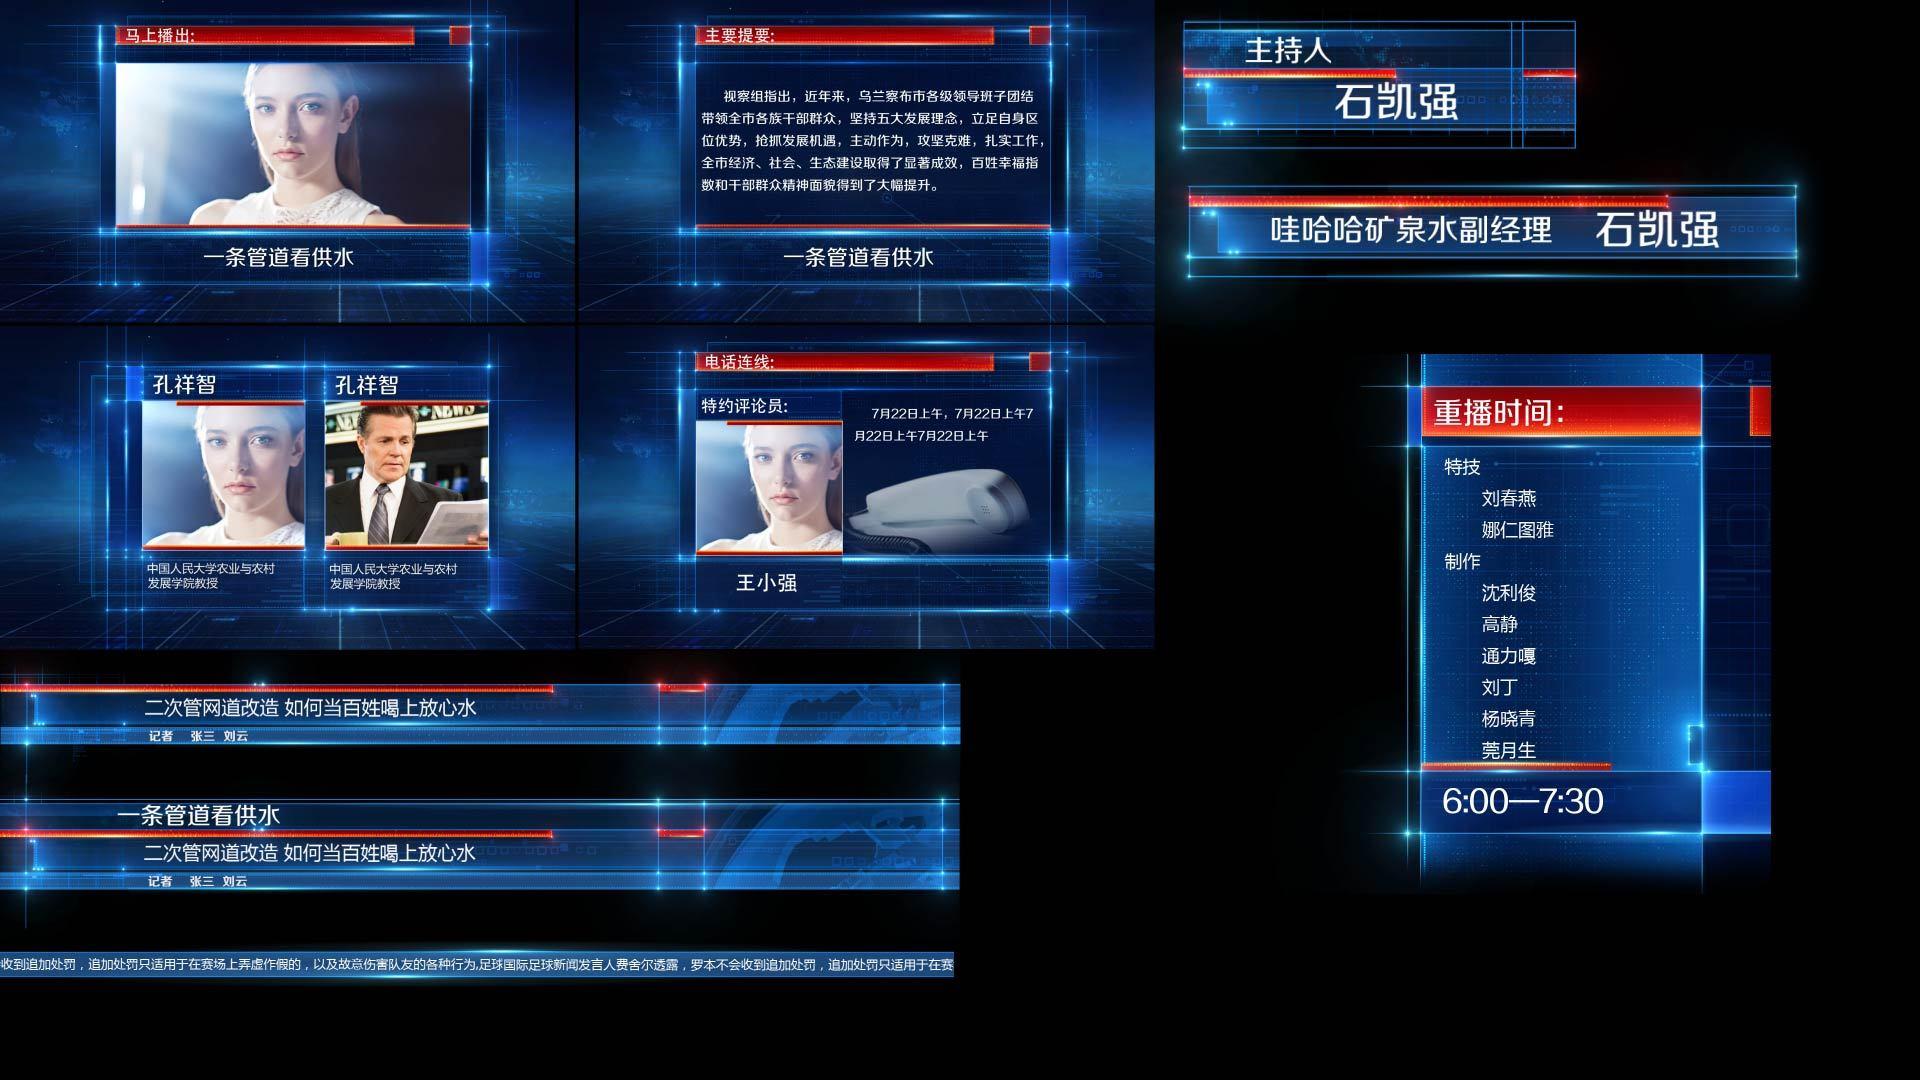 蓝红新闻科技大气栏目包装字幕条动画模板